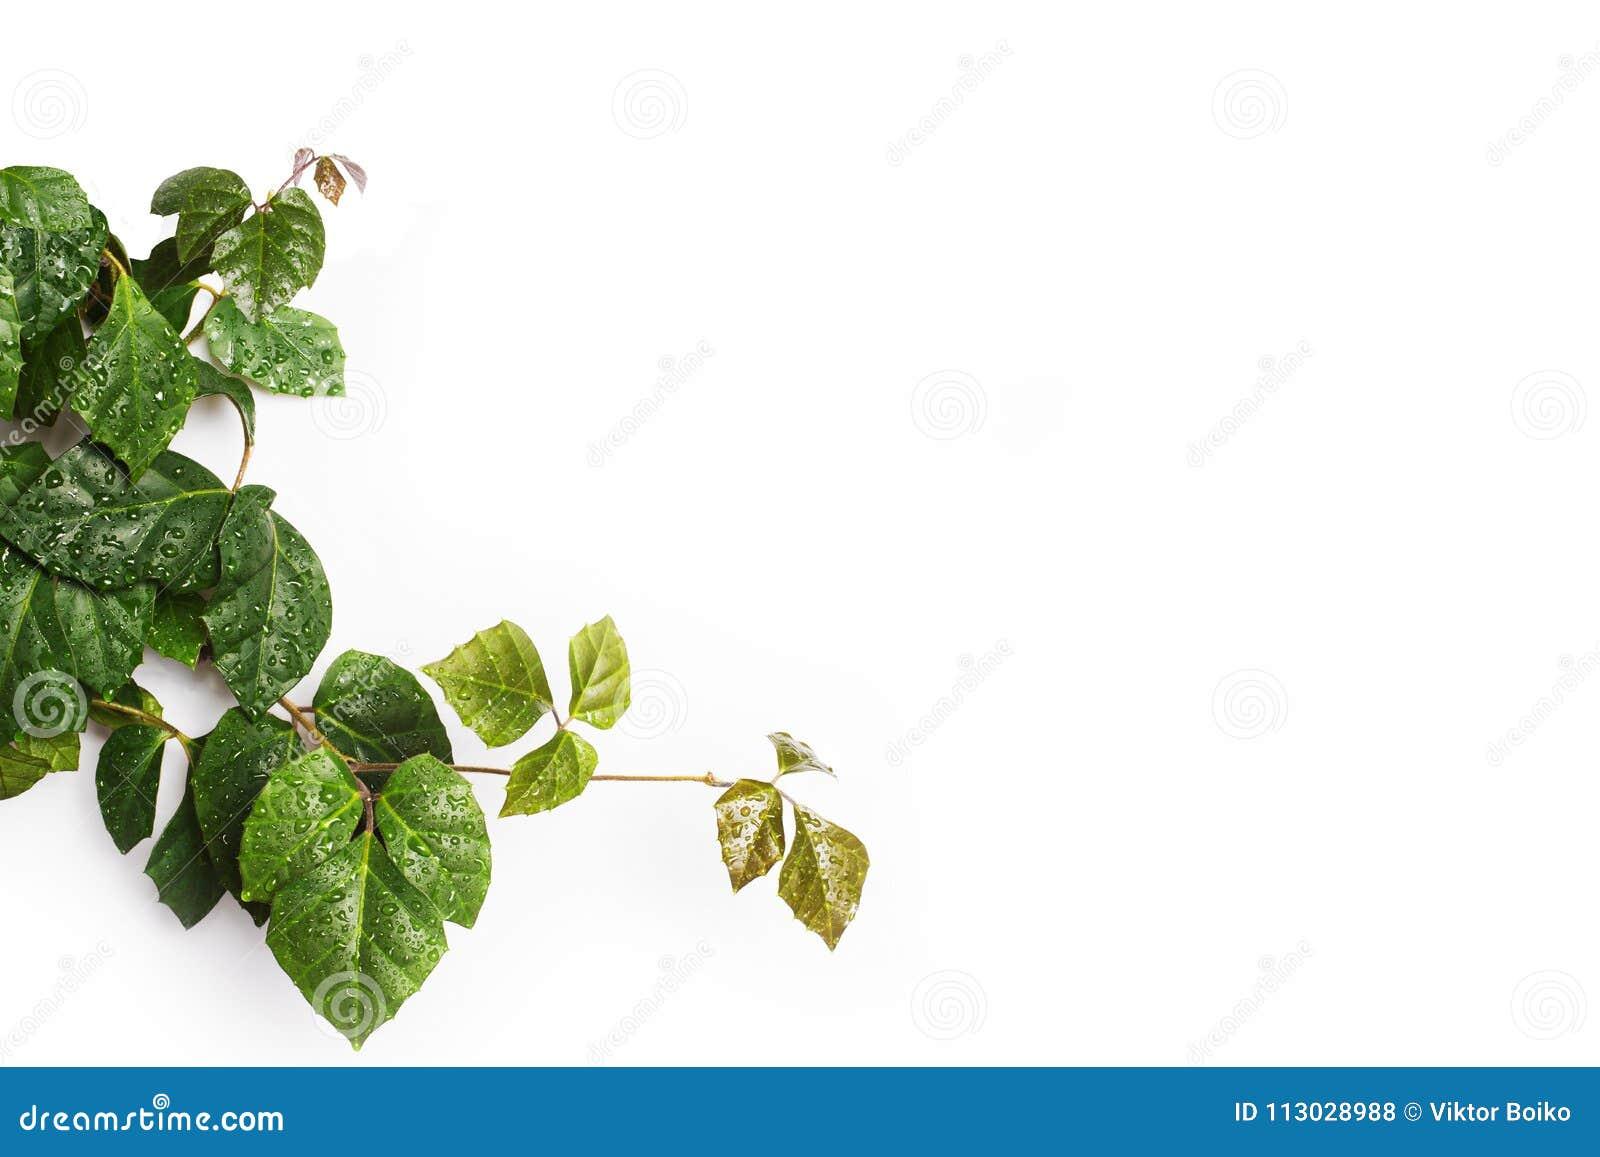 Puntilla de lianas verdes de mimbre en blanco